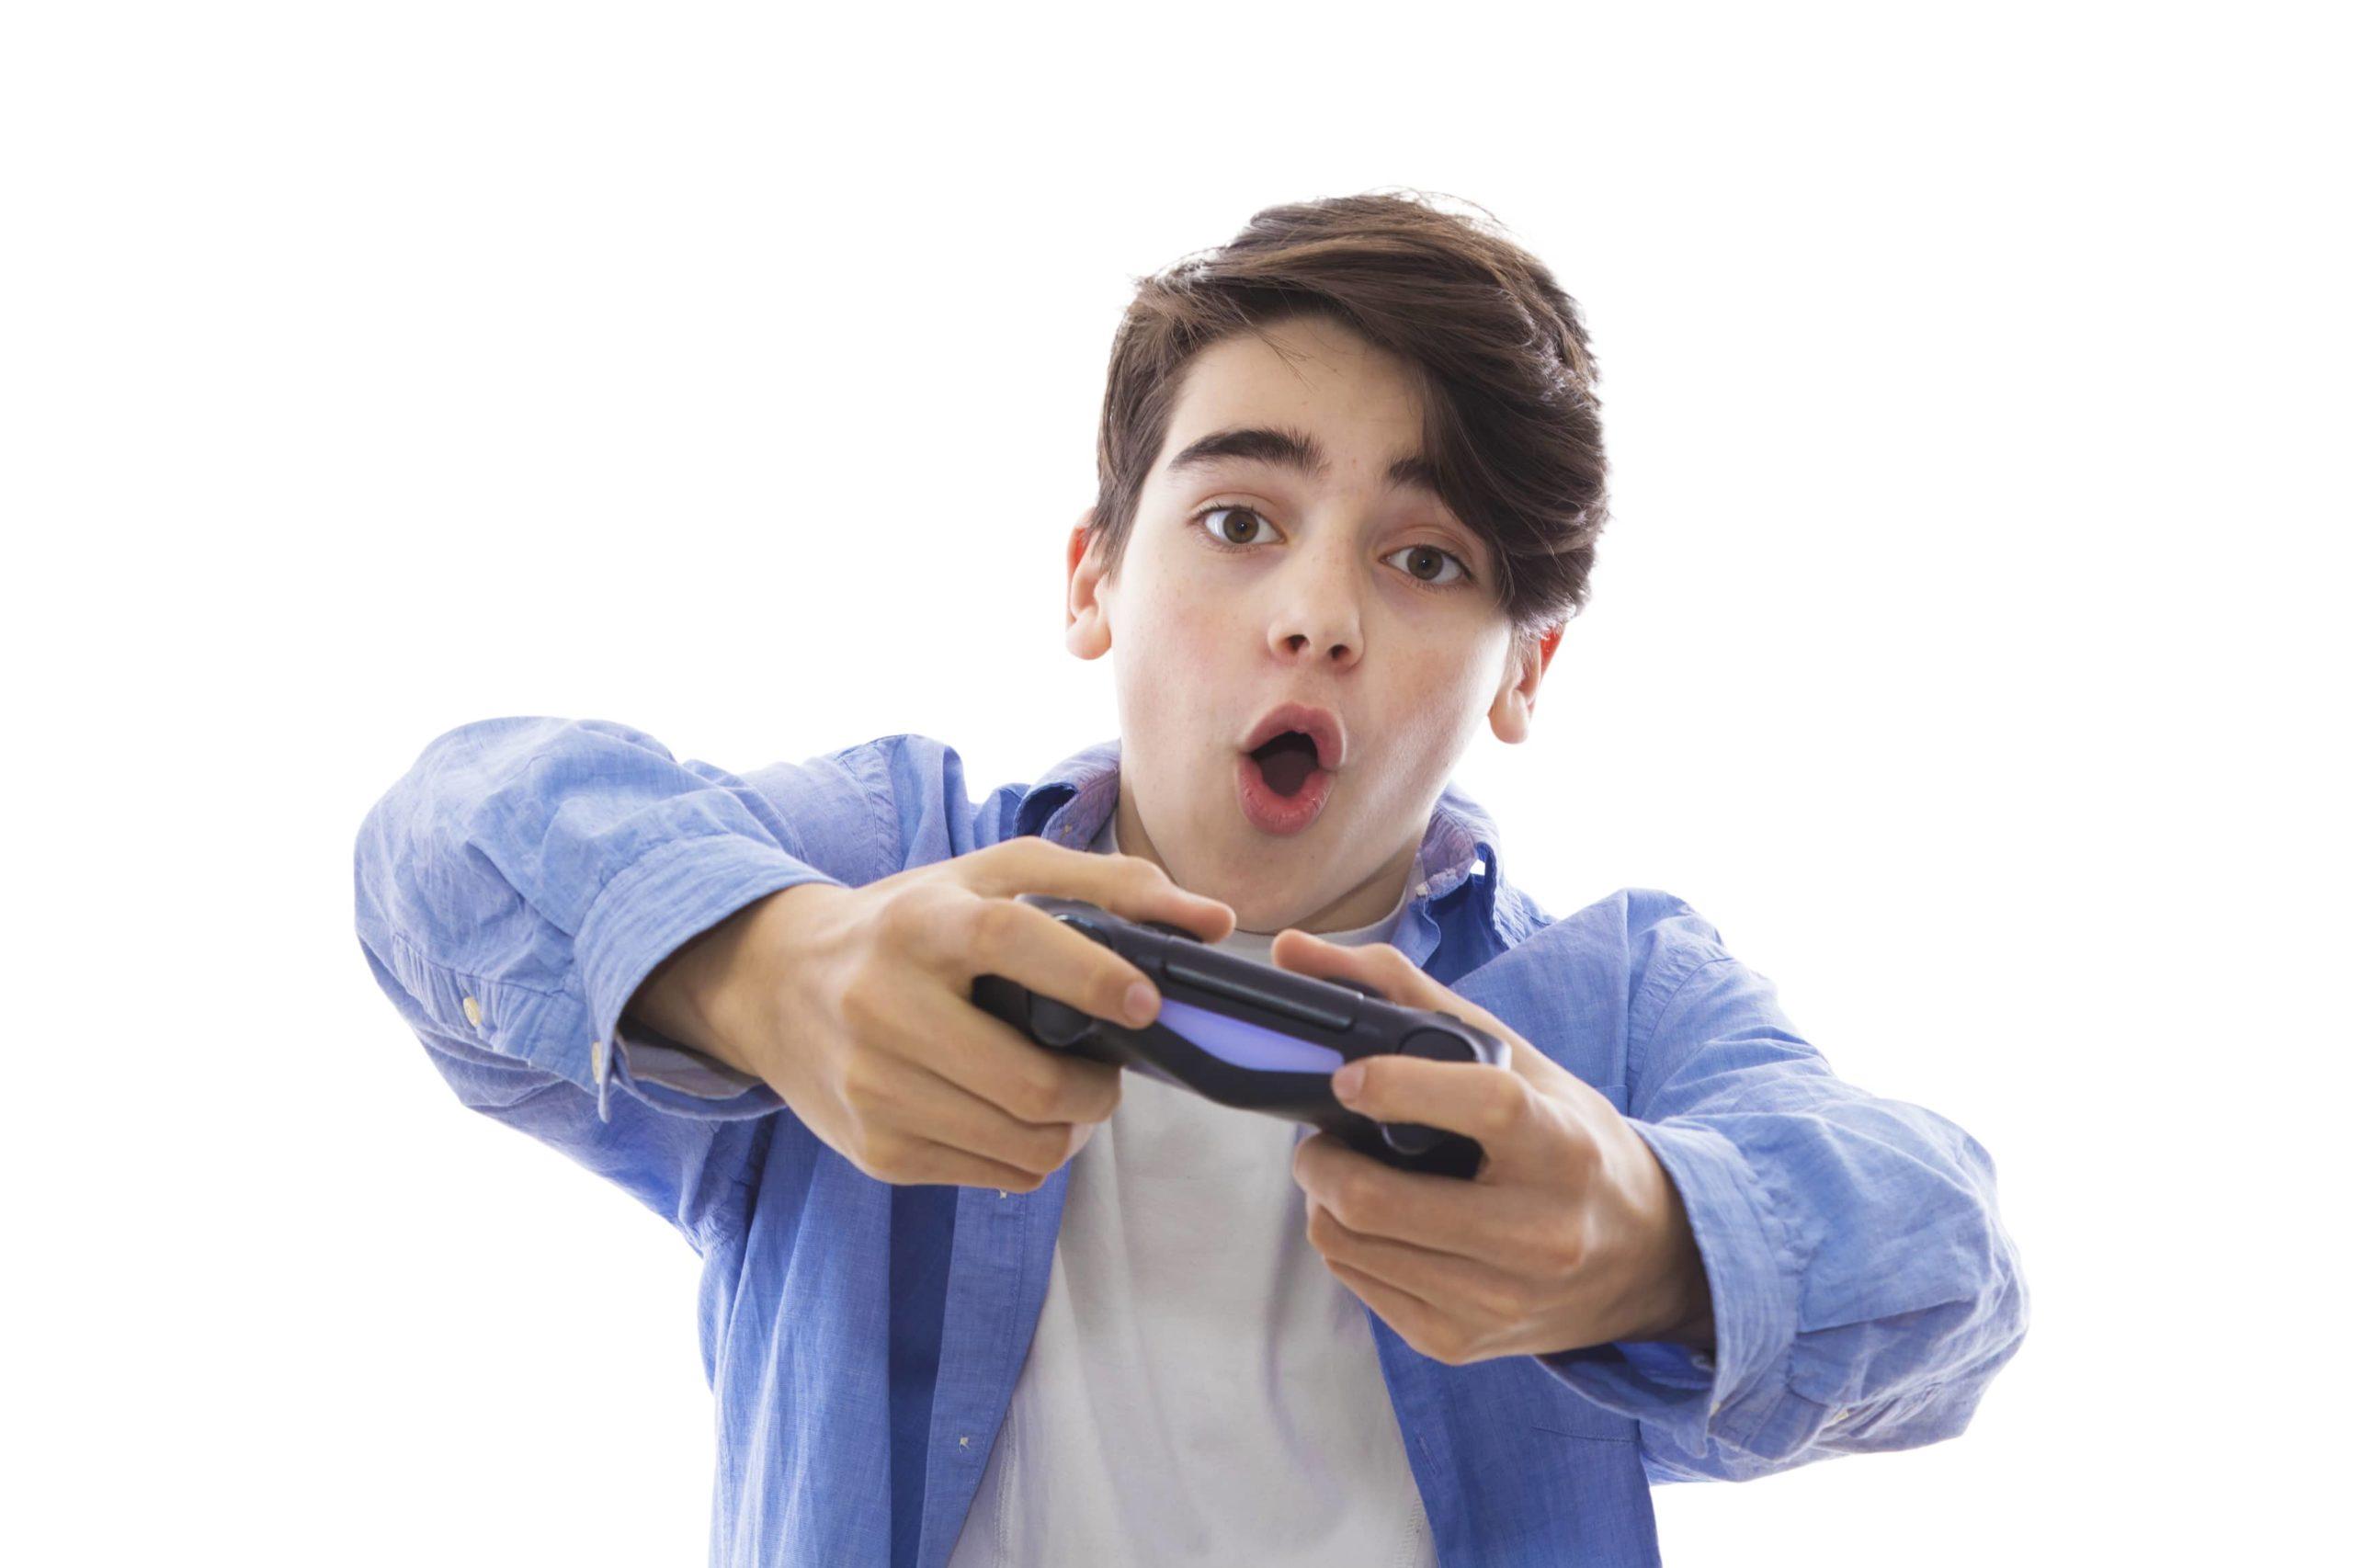 video game Boy-min